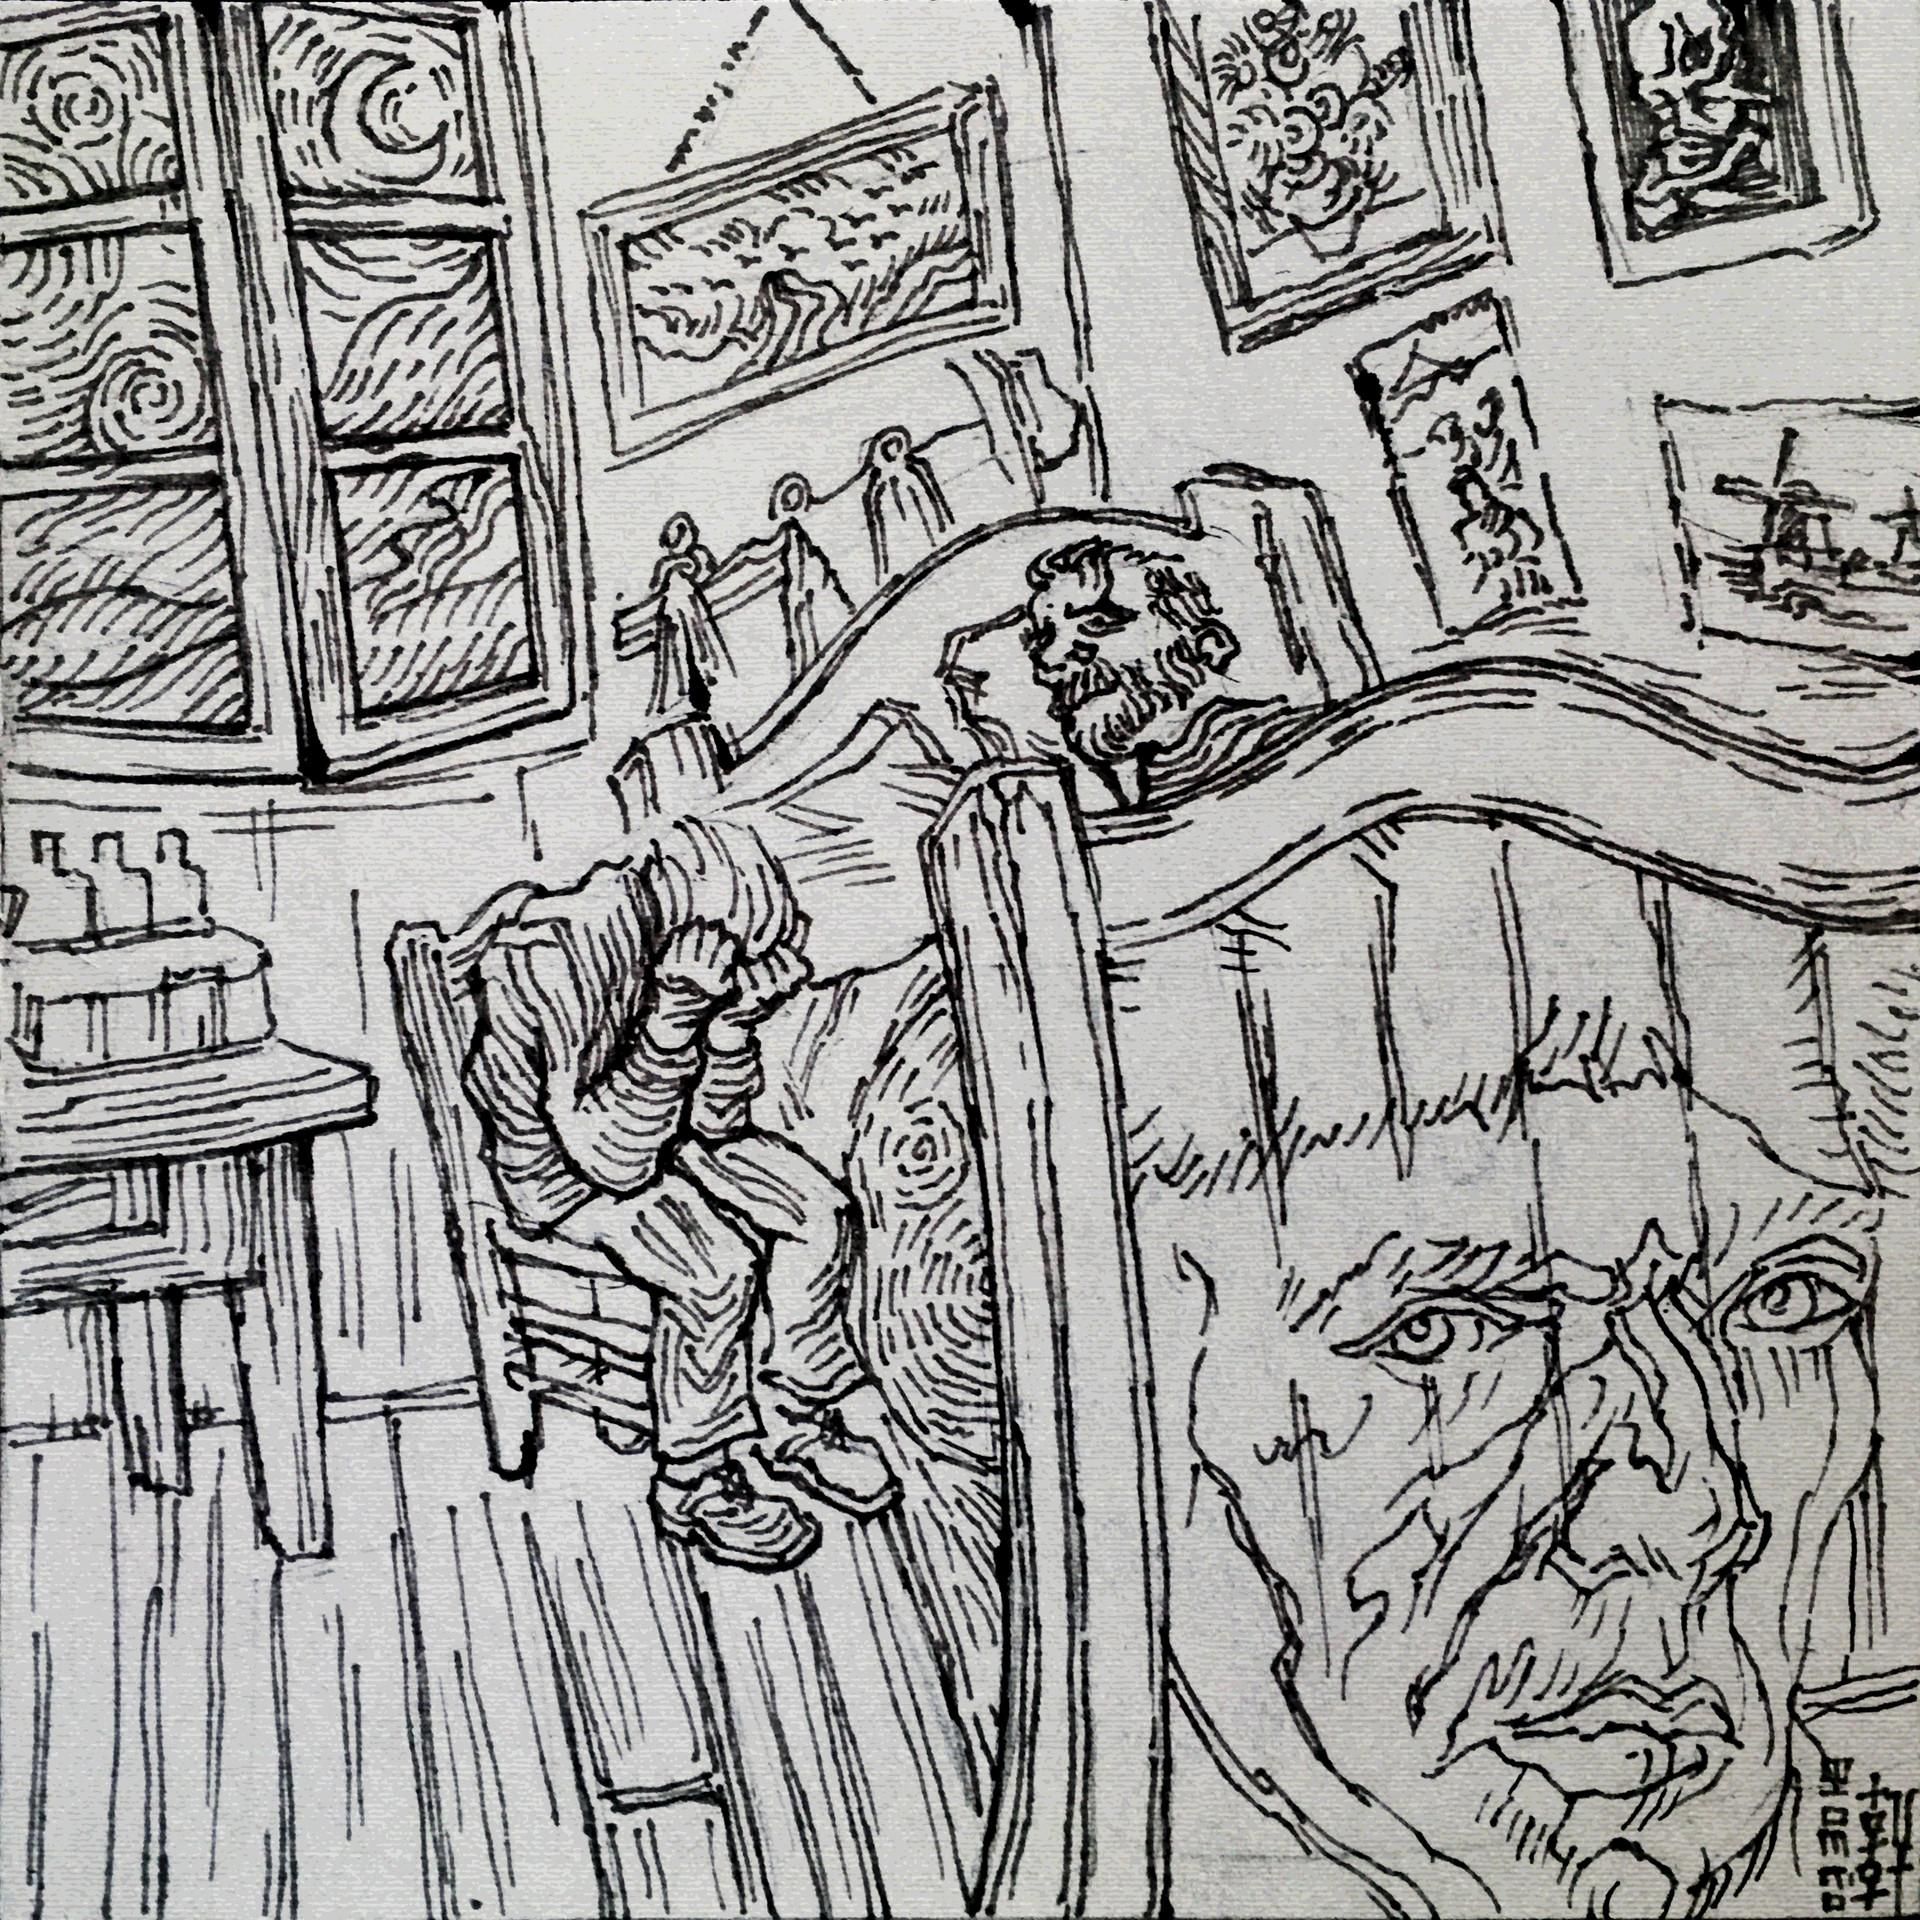 Day 03-30-18 - Van Gogh Sketch